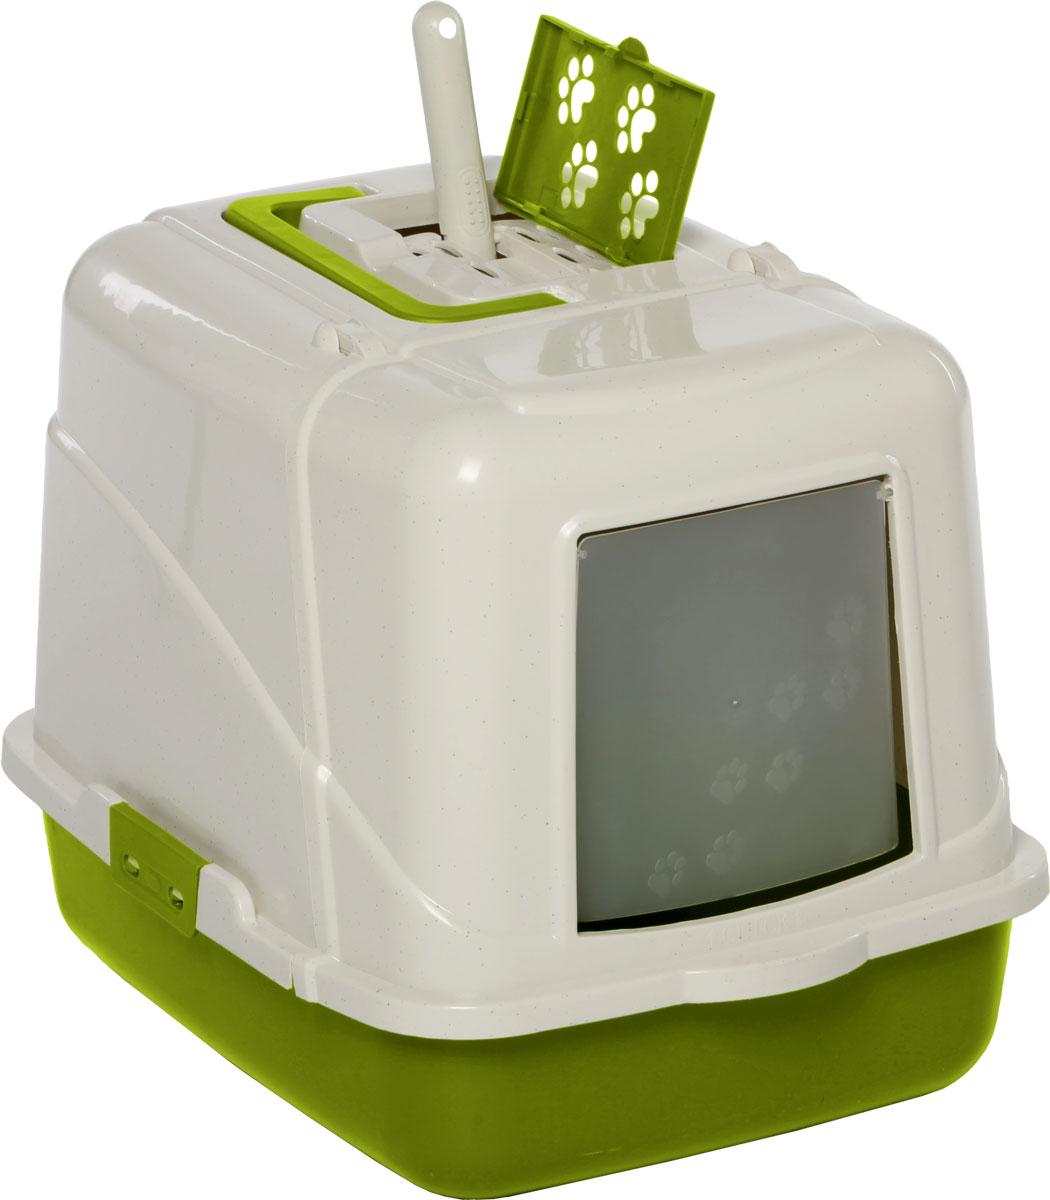 Туалет-лоток для кошек, цвет: оливковый, молочный, 50 x 40 x 41см. CAT-L08 Oliver GreenCAT-L08 Oliver GreenТуалет-лоток для кошек удерживает неприятные запахи, предотвращает рассыпание наполнителя. Изготовлен из высококачественного пластика, легко моется и не впитывает запахи. Специально разработанная верхняя крышка, облегчает уборку туалета.Благодаря открывающейся фронтальной дверце ваш питомец быстро и удобно попадет в такой туалет-домик.Внутреннее отделение представляет собой глубокий отсек, в котором поместится ваш любимец.Укомплектовано такое изделие фильтром, а также совком, который выполнен с дополнительными отверстиями.Преимущества закрытого туалета очевидны: меньше распространяются неприятные запахи, наполнитель не рассыпается вокруг туалета (особенно актуально для кошек, которые любят покопаться в наполнителе);идеально подходит для кошек, которые любят долго и упорно зарывать, используя при этом не только наполнитель, но и все, что попадет под лапу.Туалет-лоток удобно переносить с помощью верхней пластиковой ручки.